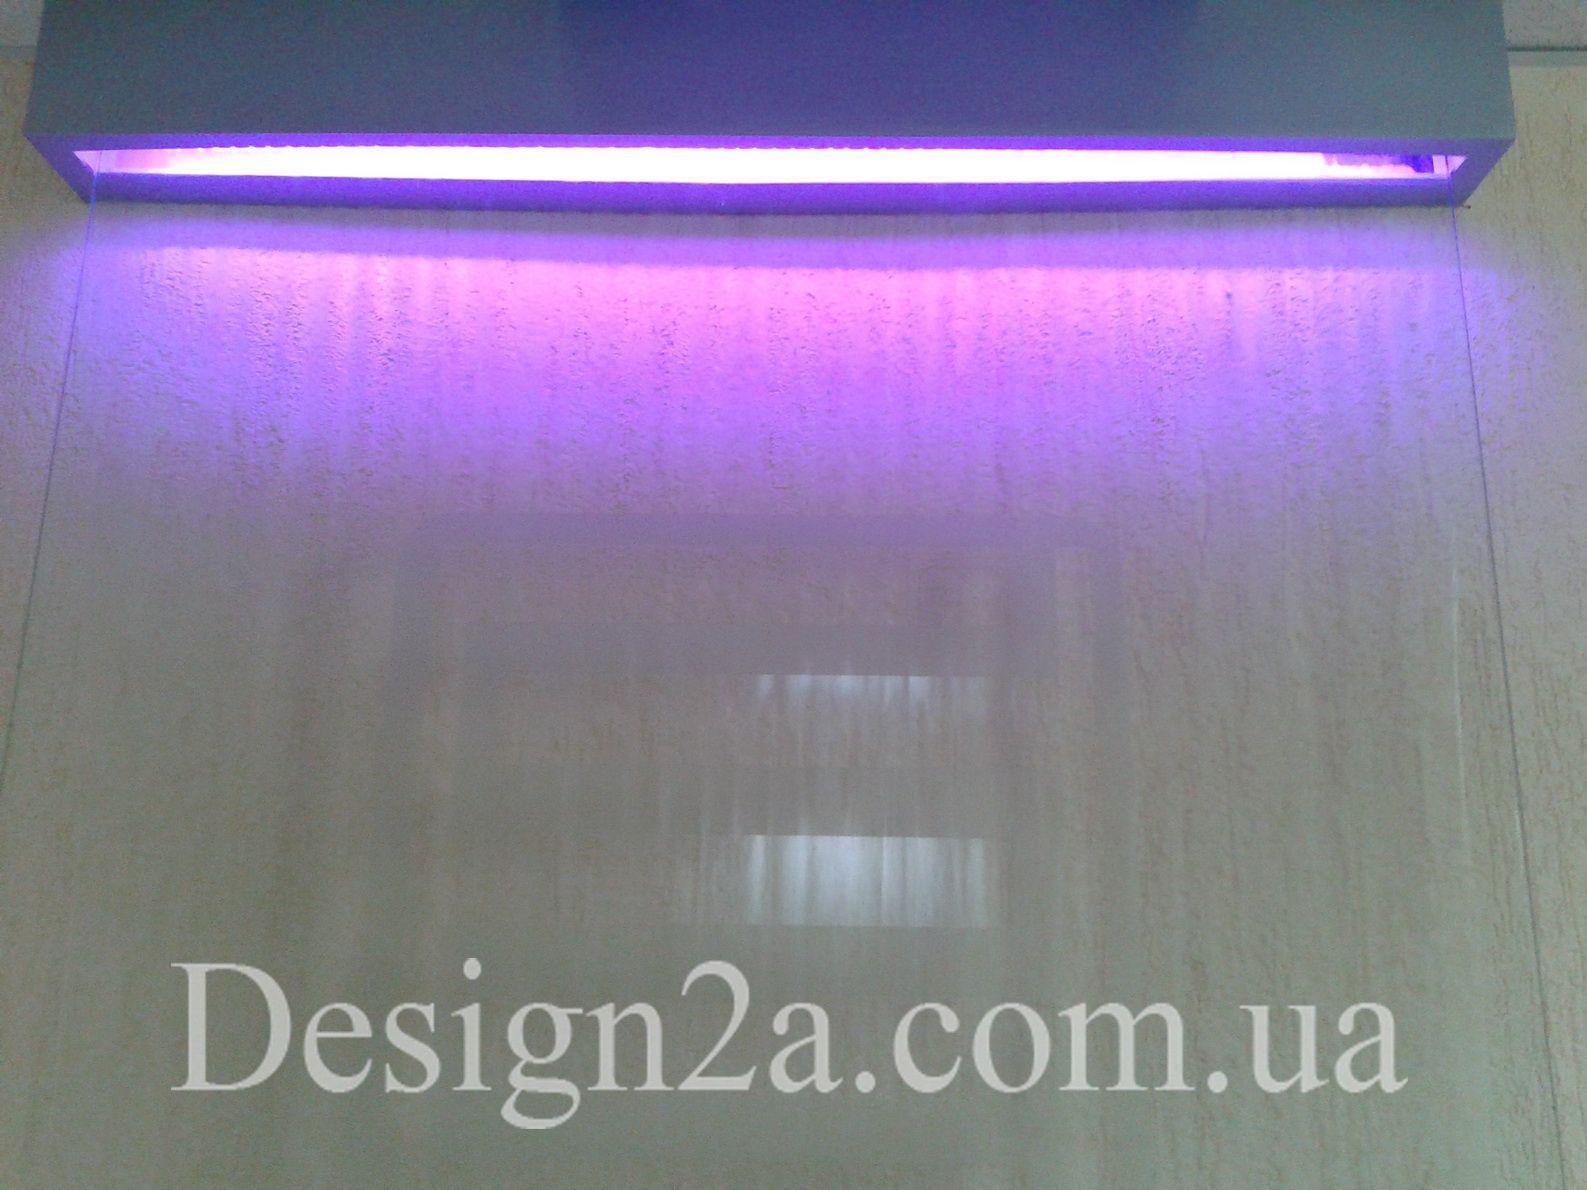 Декоративный водопад по стеклу, плачущая панель